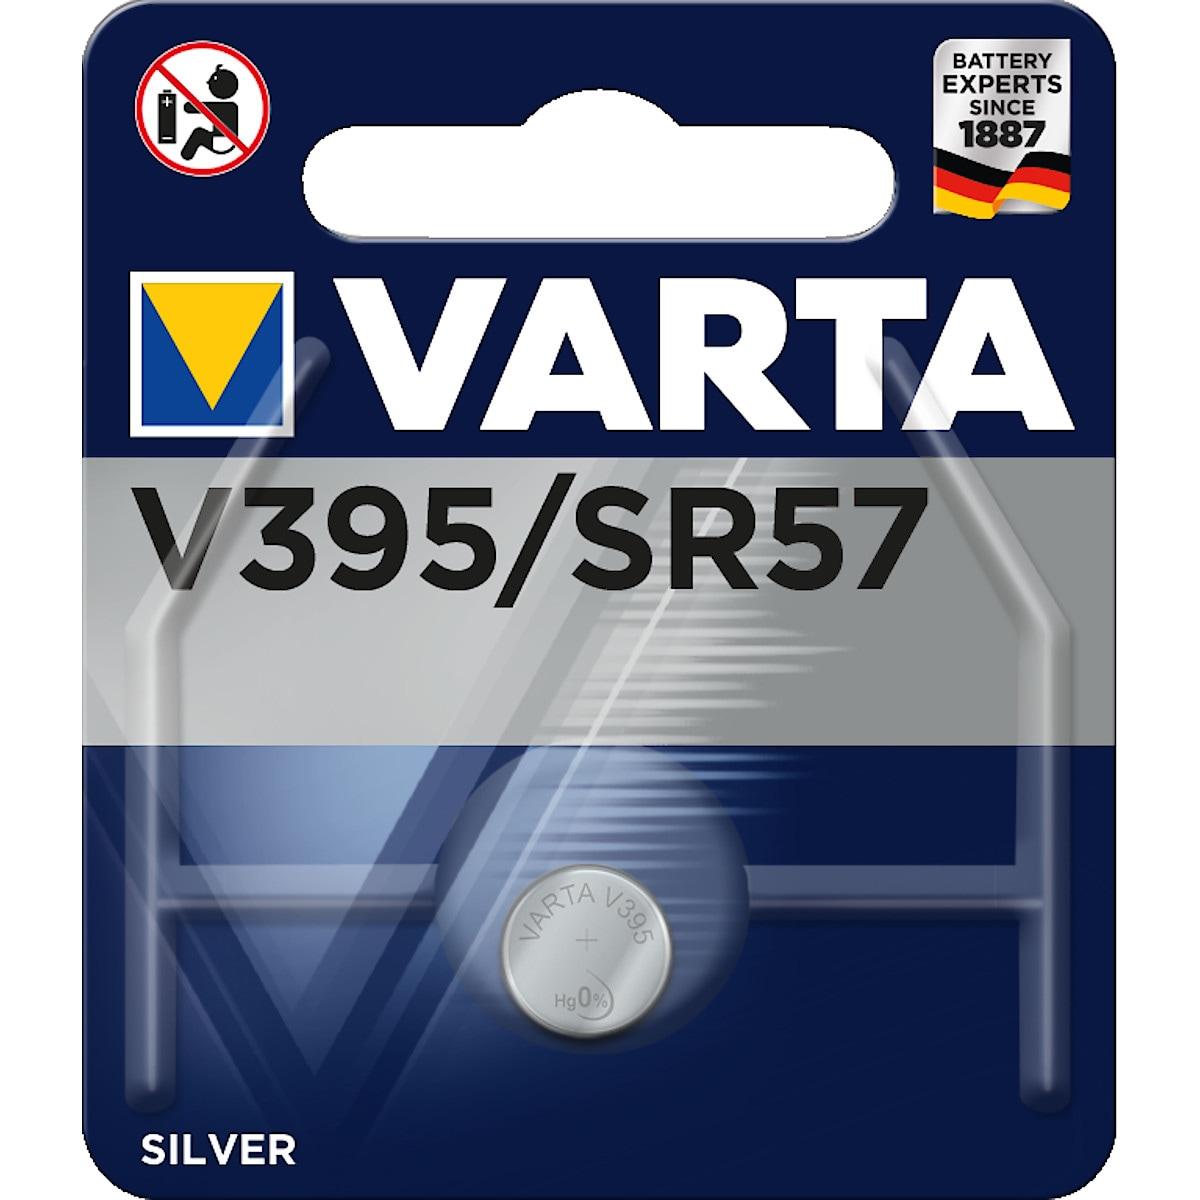 Knappcellsbatteri V395/SR57 Varta